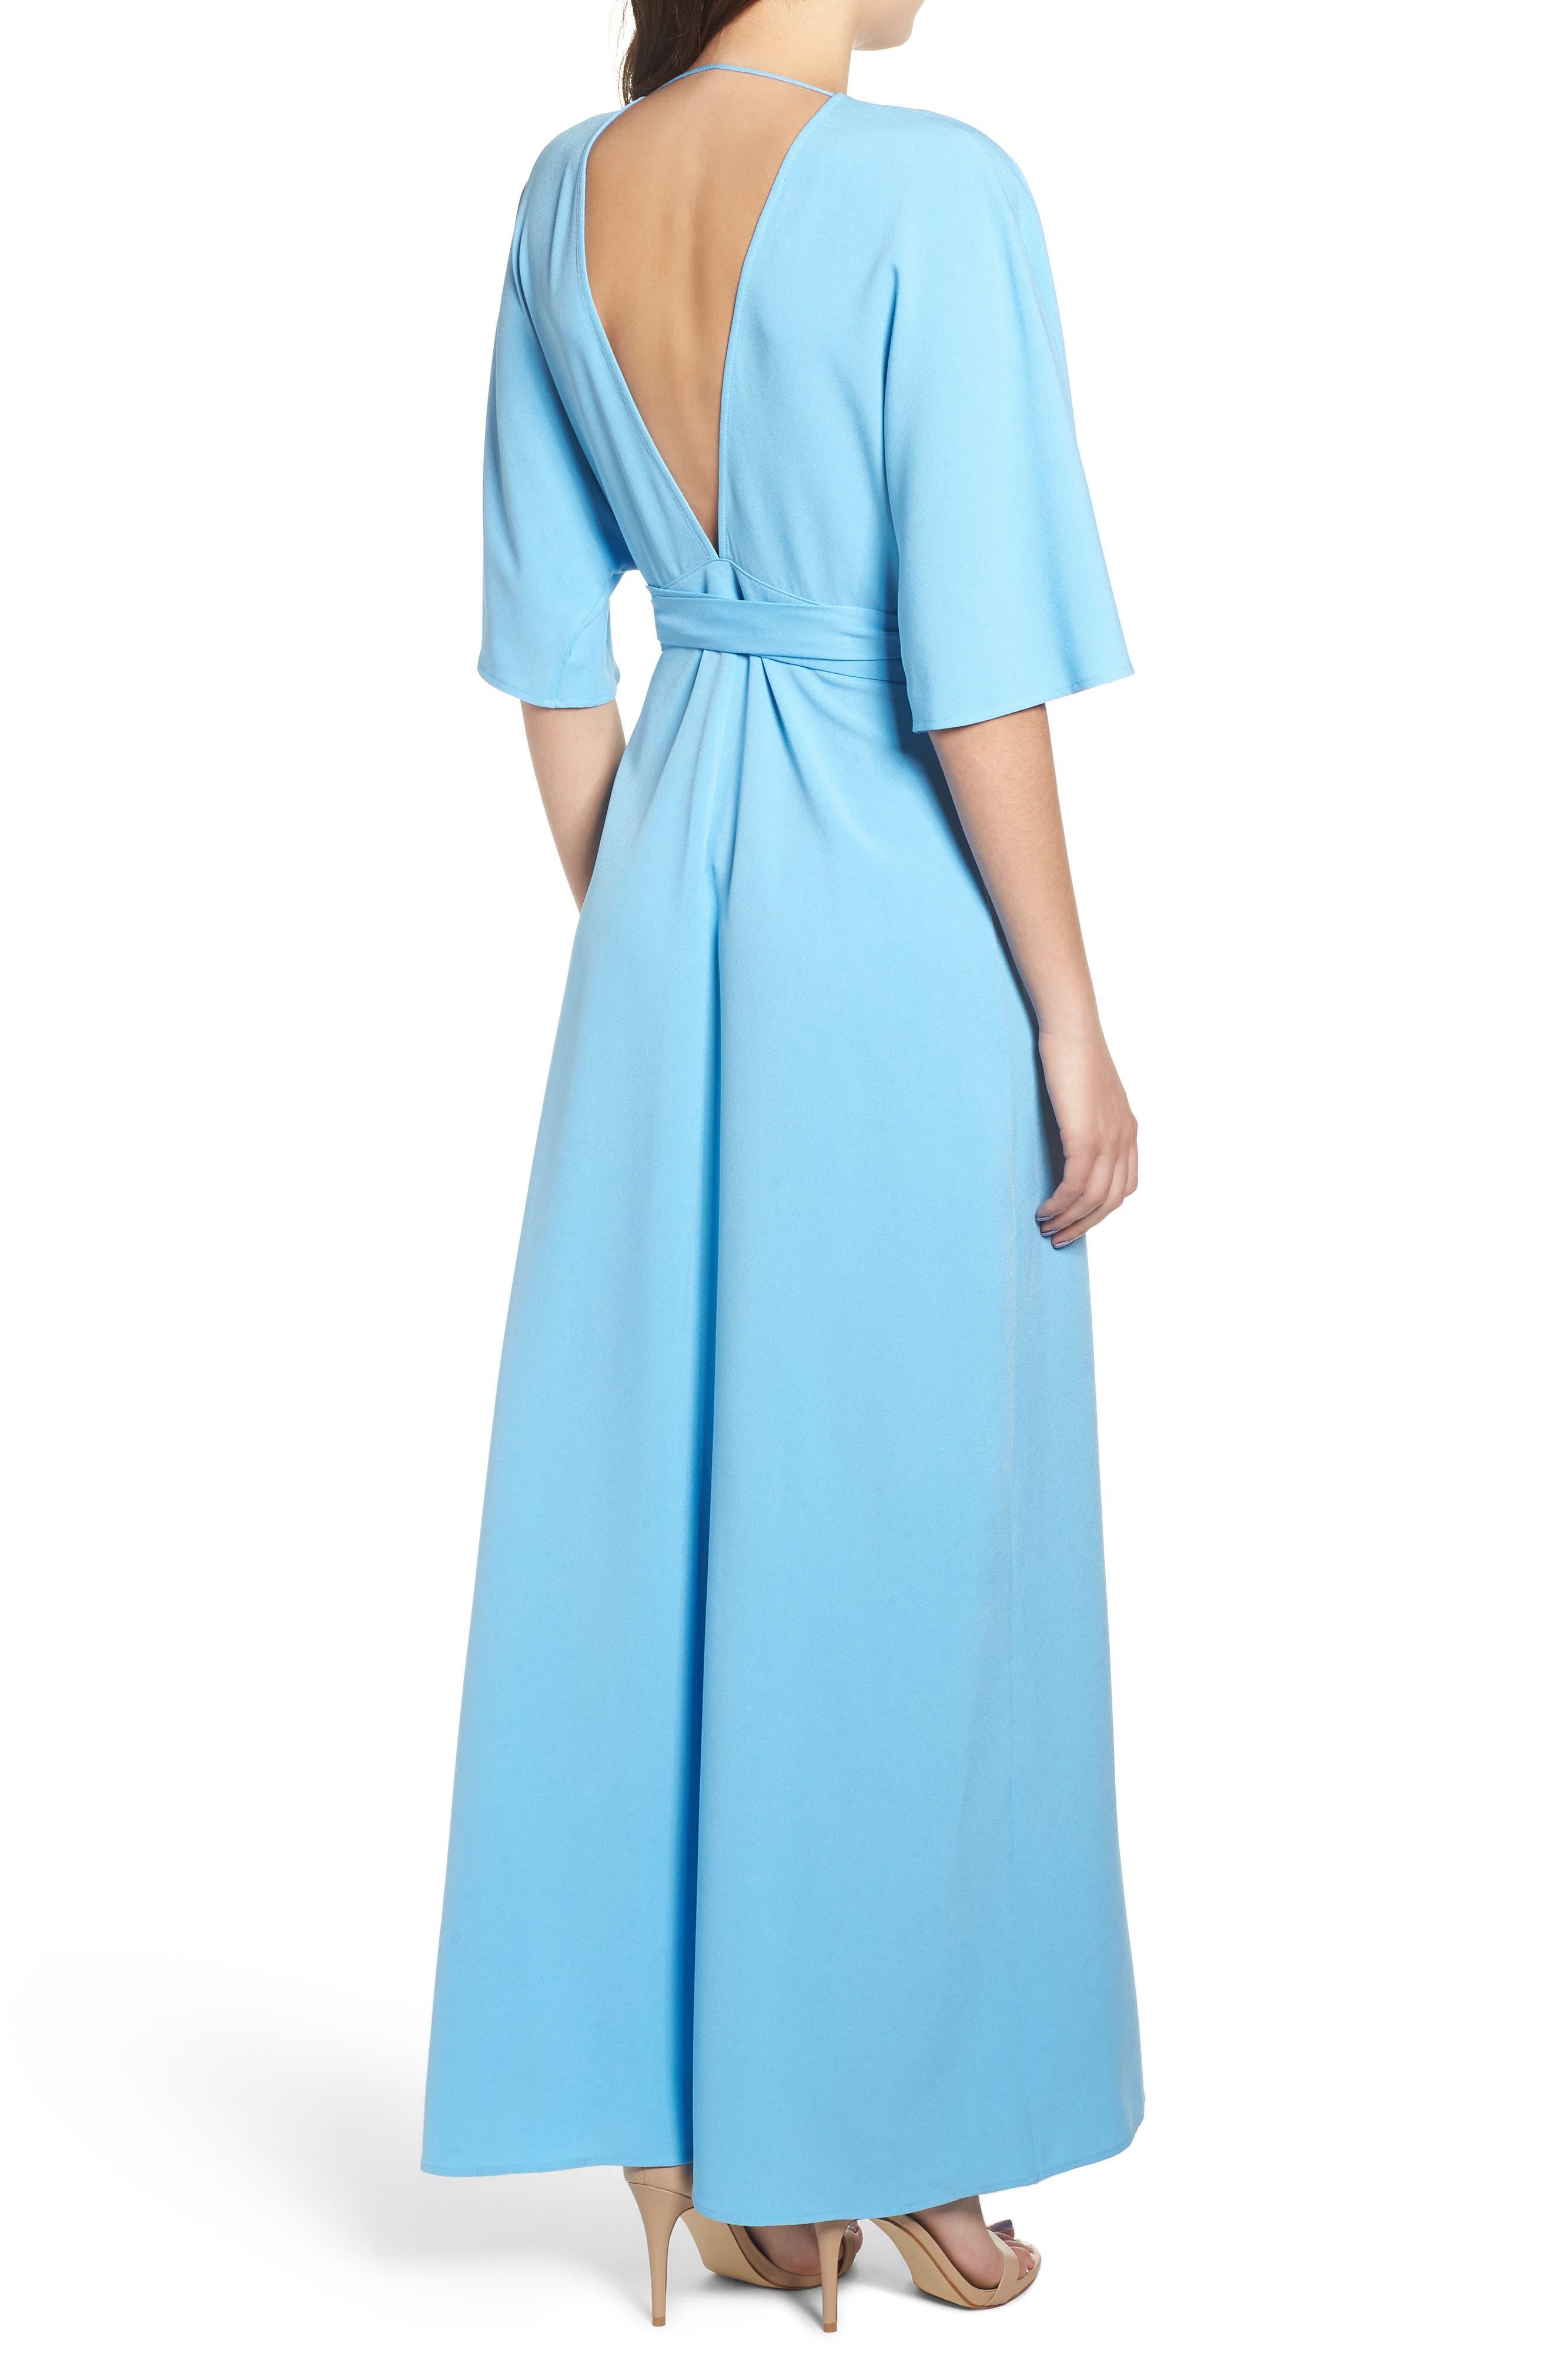 Kimono Maxi Dress,                             Alternate thumbnail 2, color,                             BLUE ALASKAN